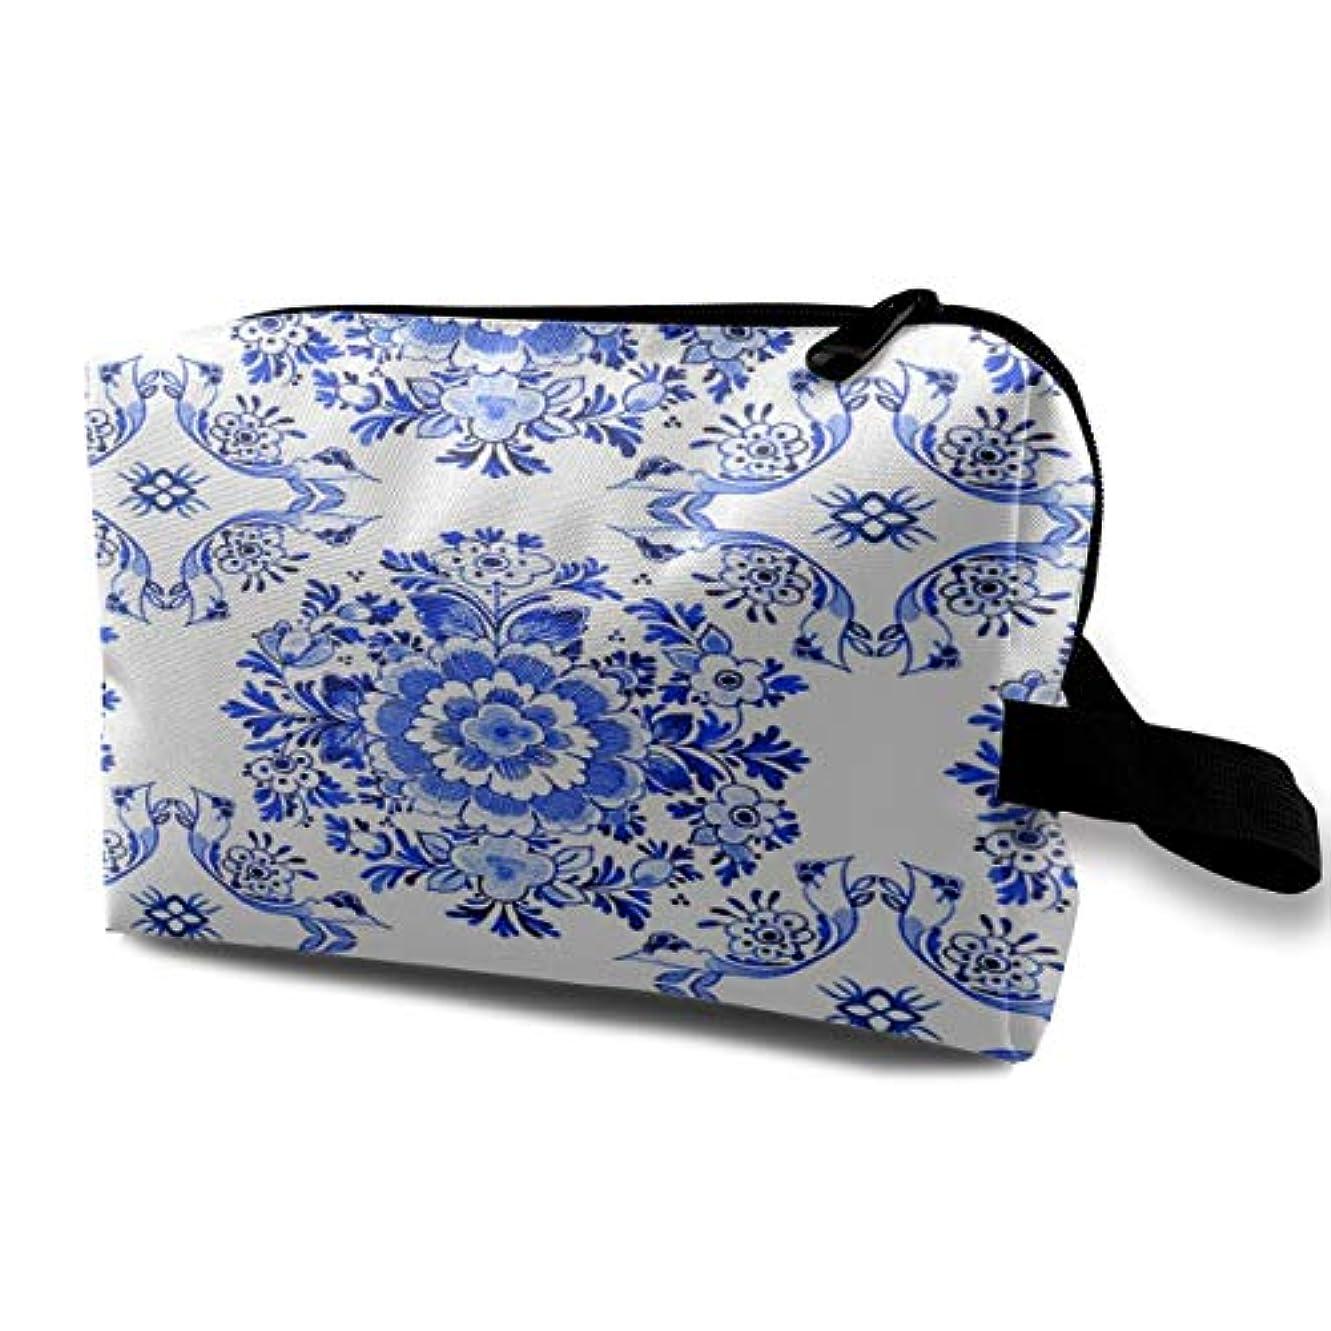 コメンテーターニックネームパスタWhite Delft Blue Style Watercolour 収納ポーチ 化粧ポーチ 大容量 軽量 耐久性 ハンドル付持ち運び便利。入れ 自宅?出張?旅行?アウトドア撮影などに対応。メンズ レディース トラベルグッズ